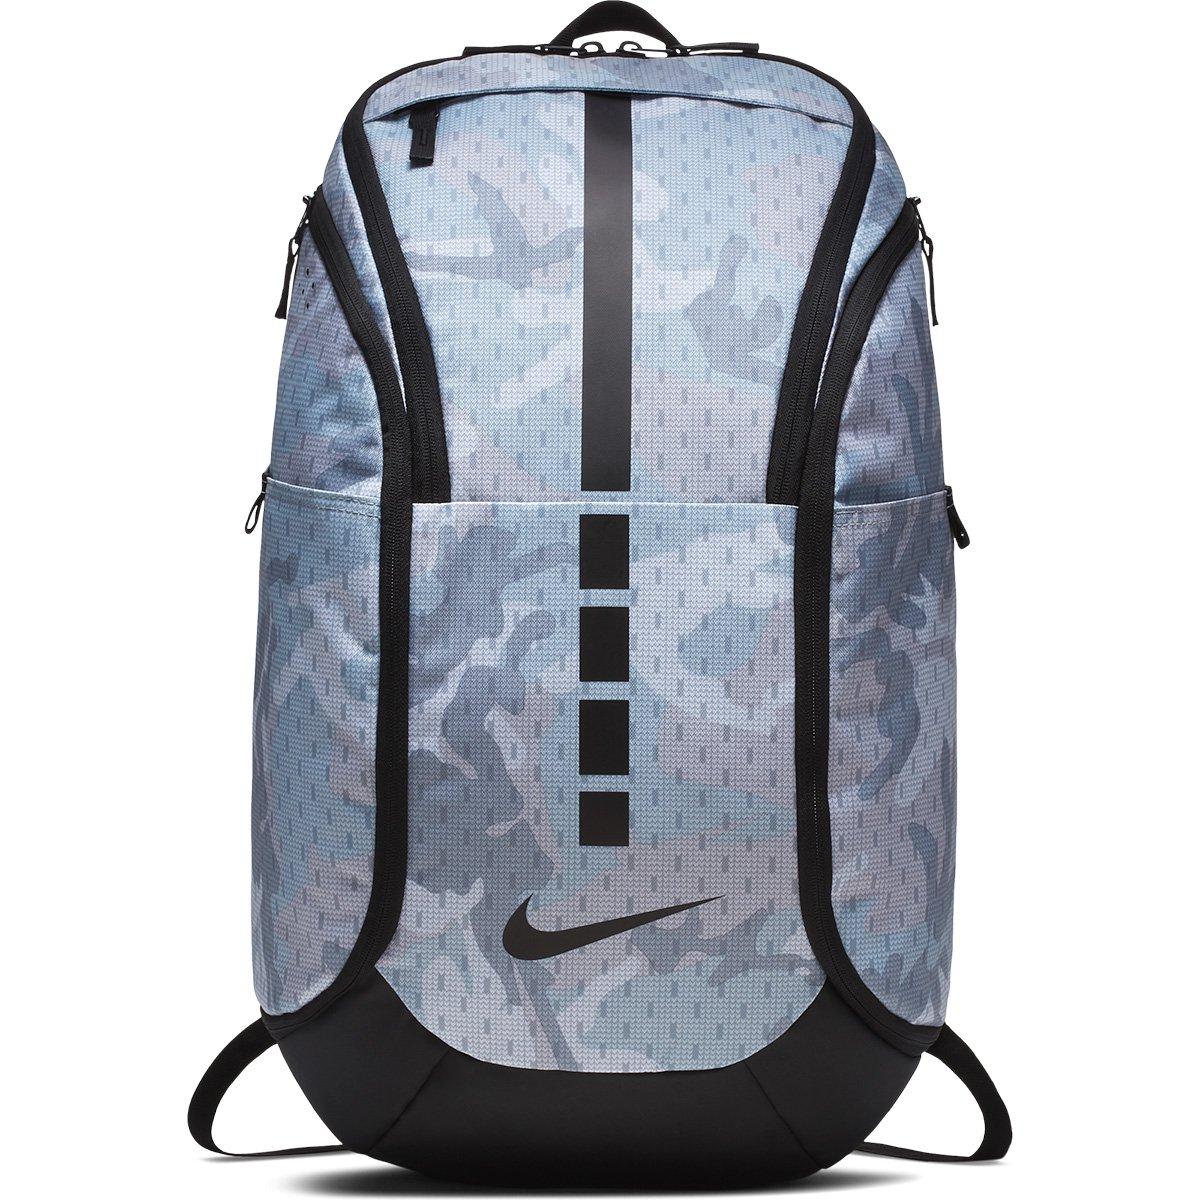 56e0c459f69 Mochila Nike Hoops Elite Pro - Prata e Preto - Compre Agora